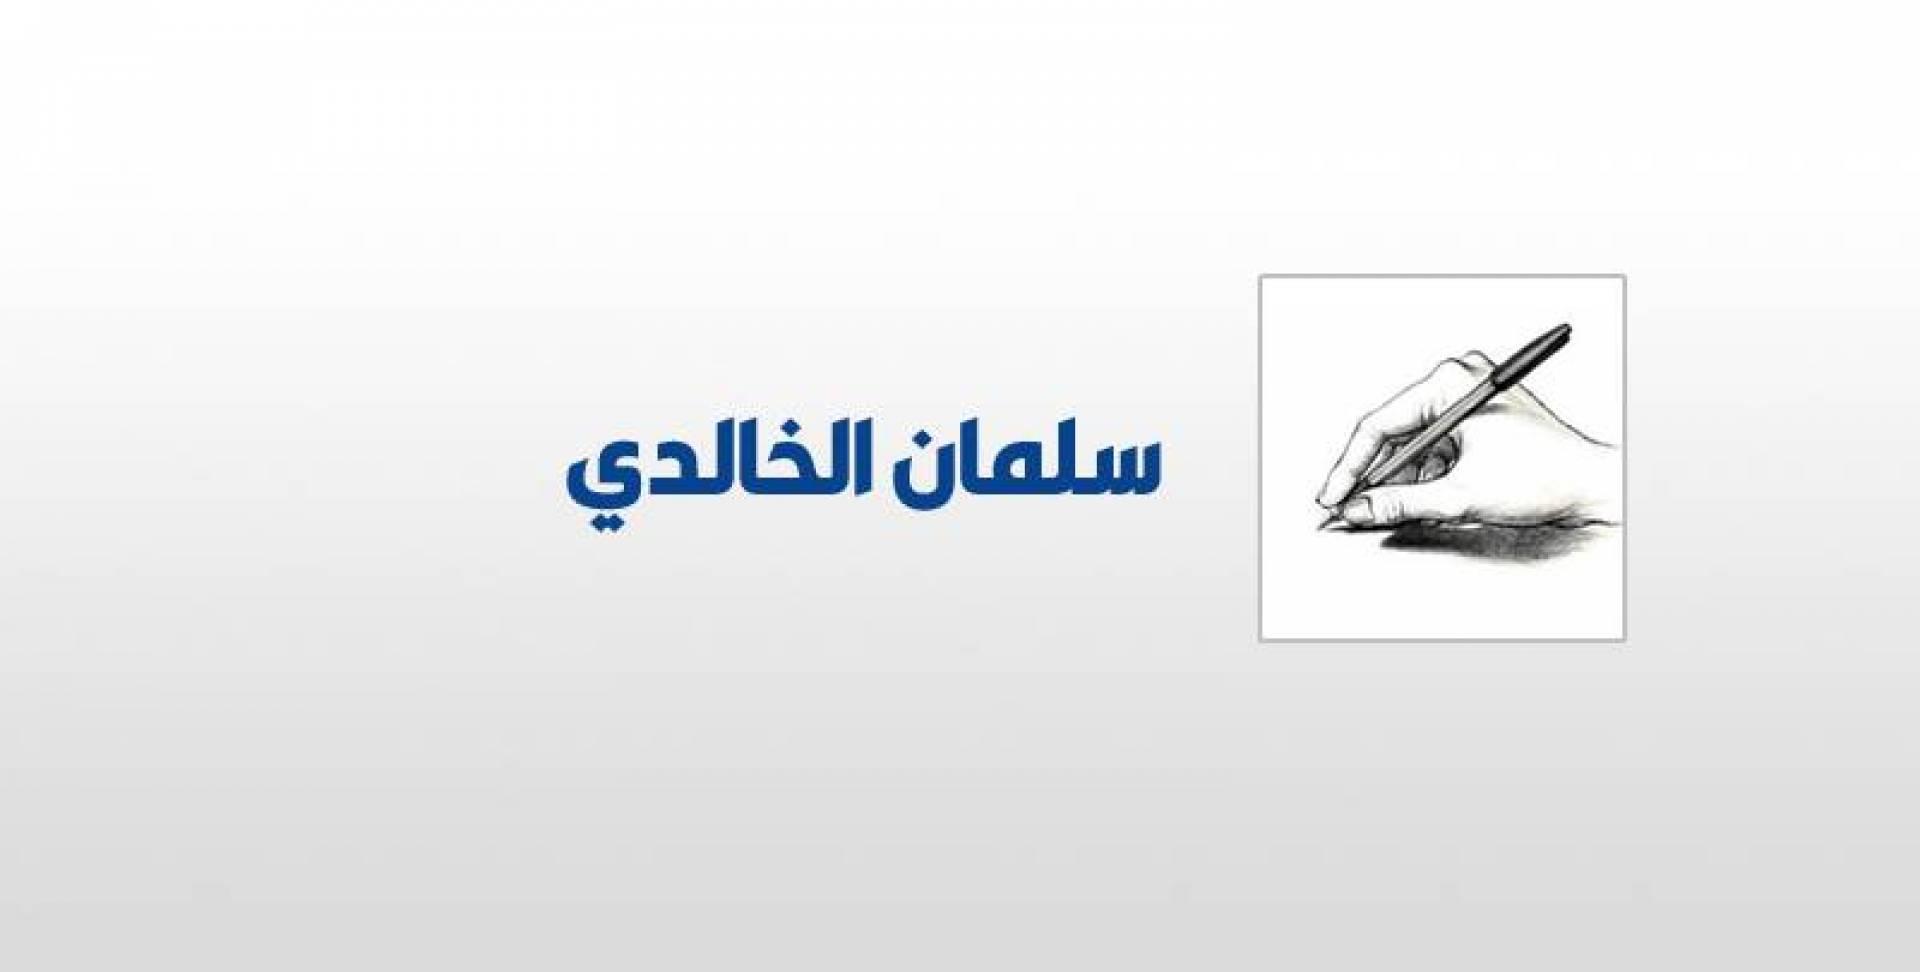 العهد الكويتي الجديد.. والإصلاح الشامل